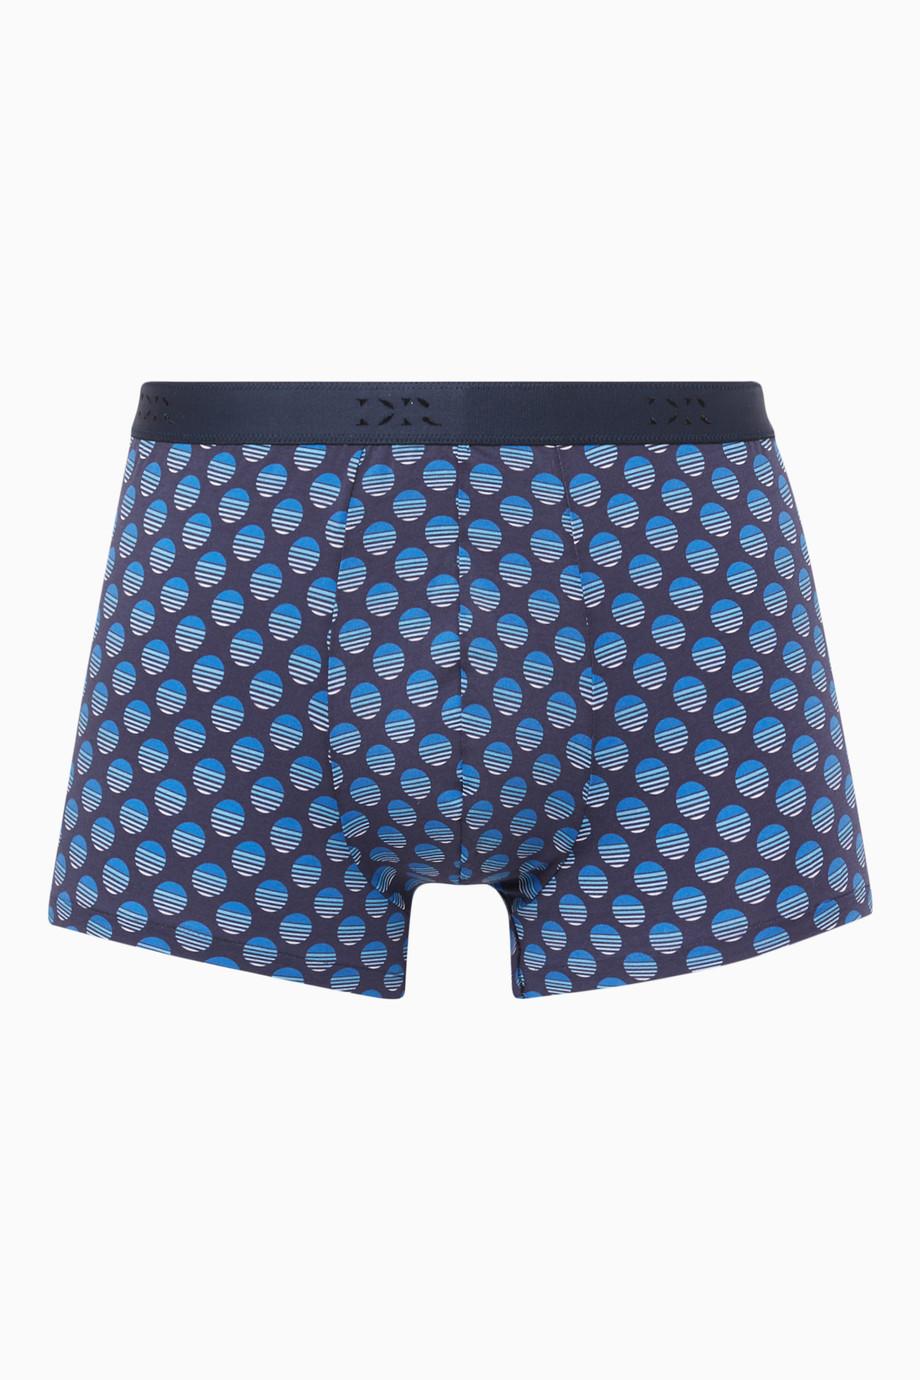 f38099fbc0 Shop Derek Rose Blue Navy Stretch-Cotton Spot Boxer Briefs for Men ...